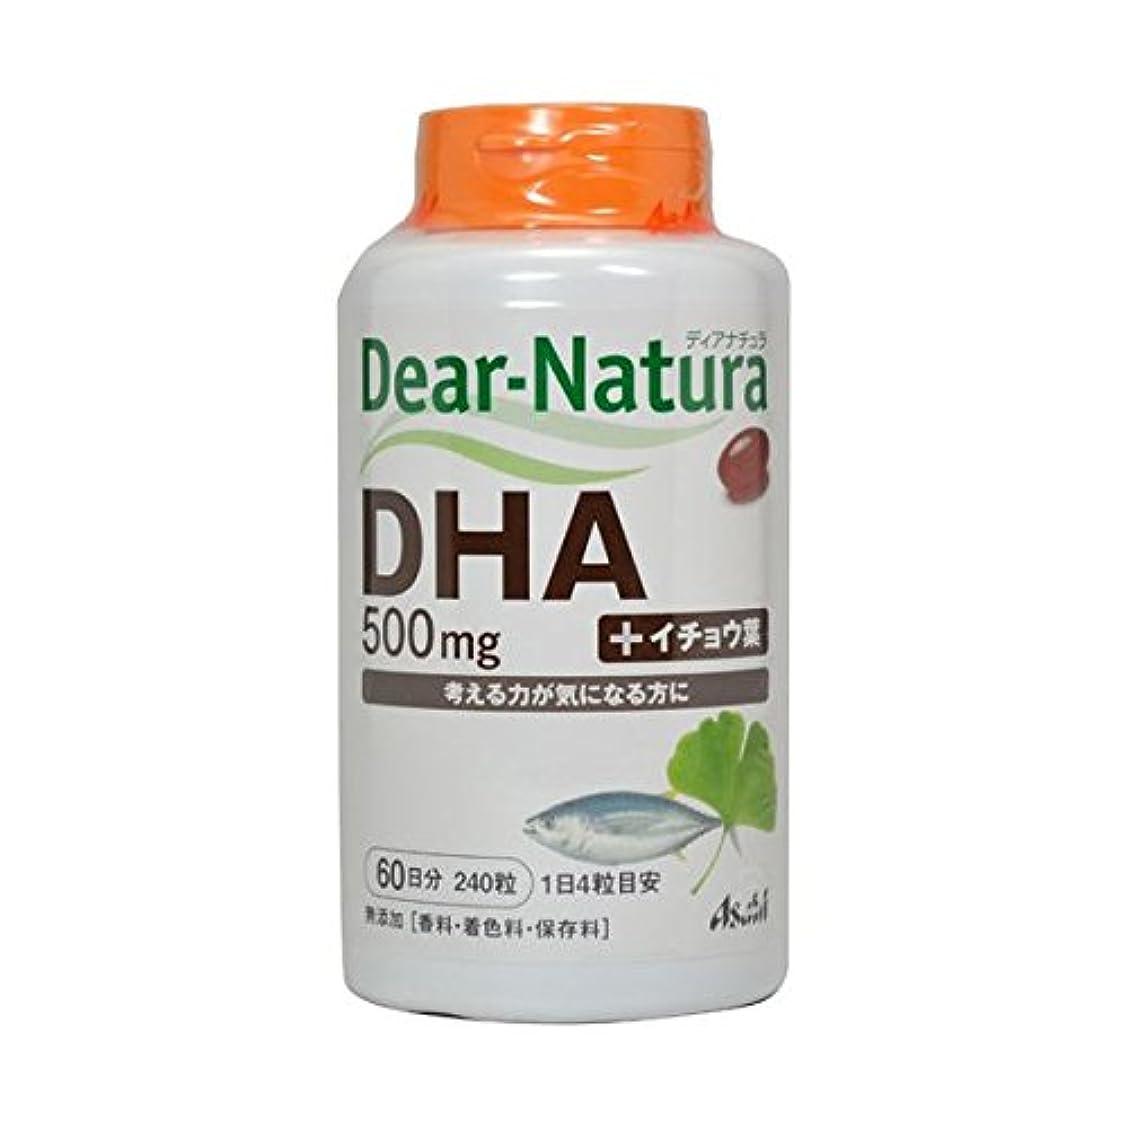 のヒープのため影響力のあるアサヒグループ食品 ディアナチュラ DHA+イチョウ葉 240粒(60日)【2個セット】